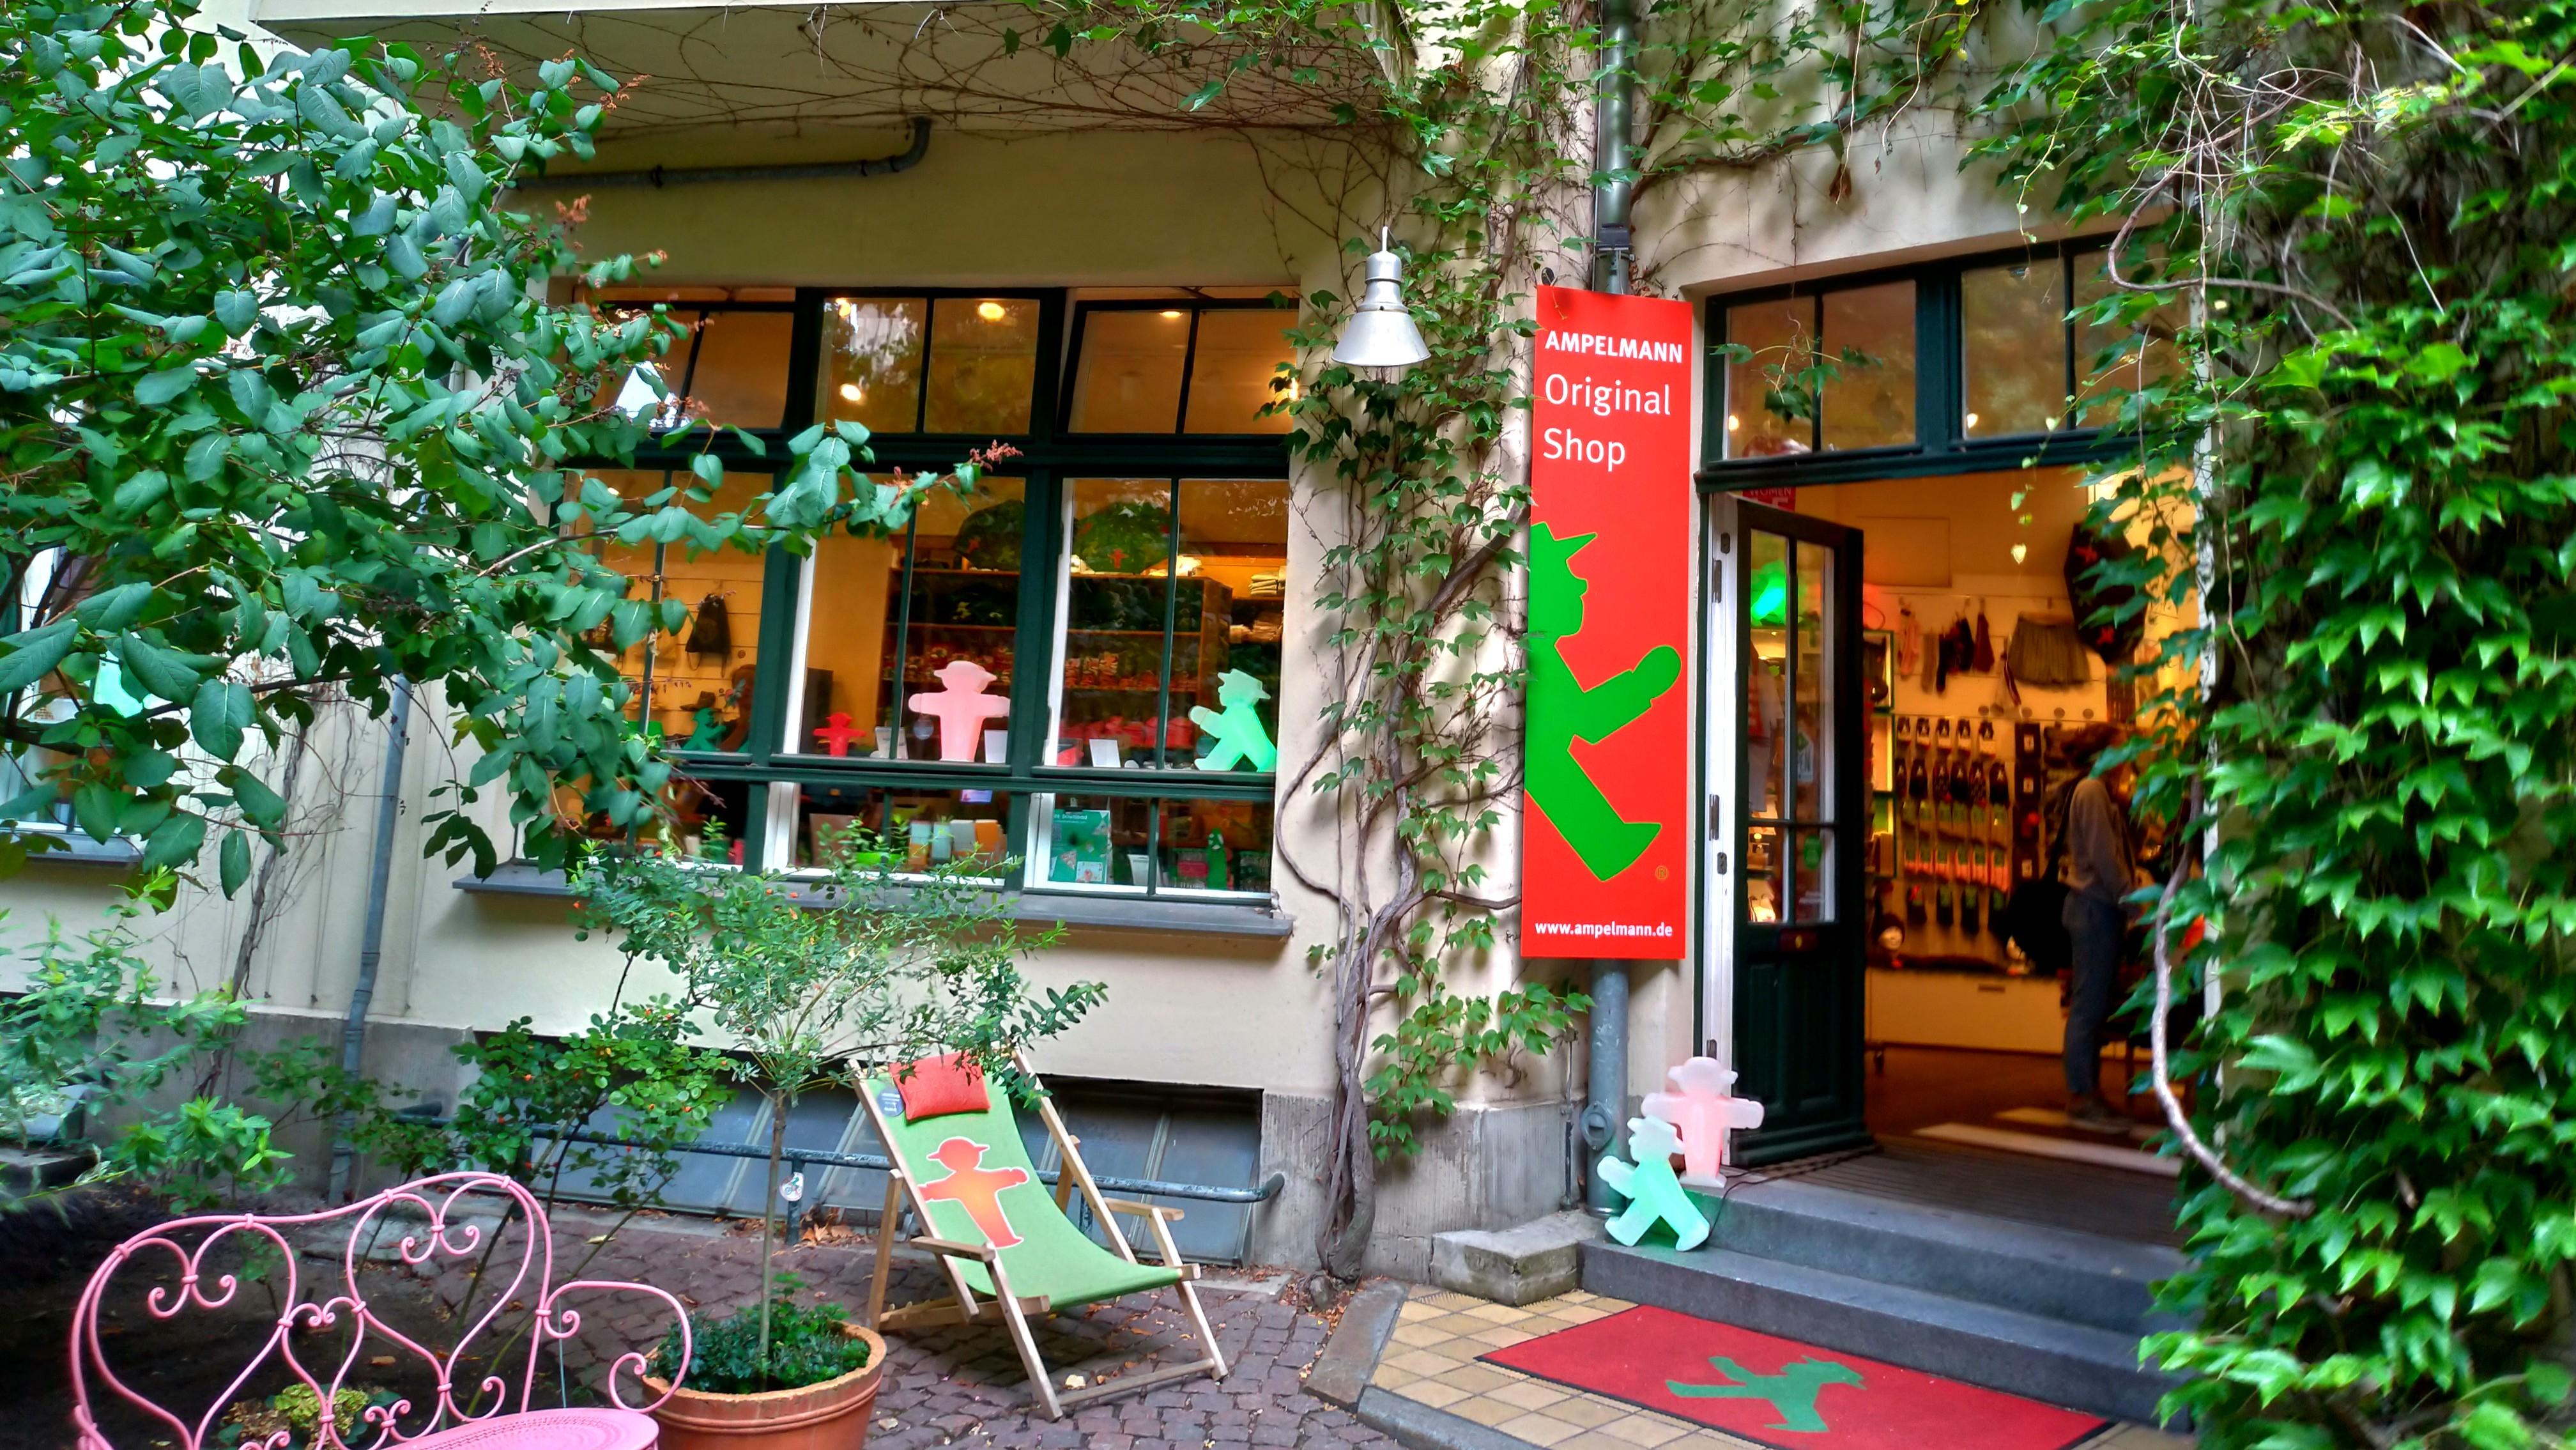 Ampelmann Shop Hackescher Hof アンペルマンショップ ハッケッシャーホーフ店